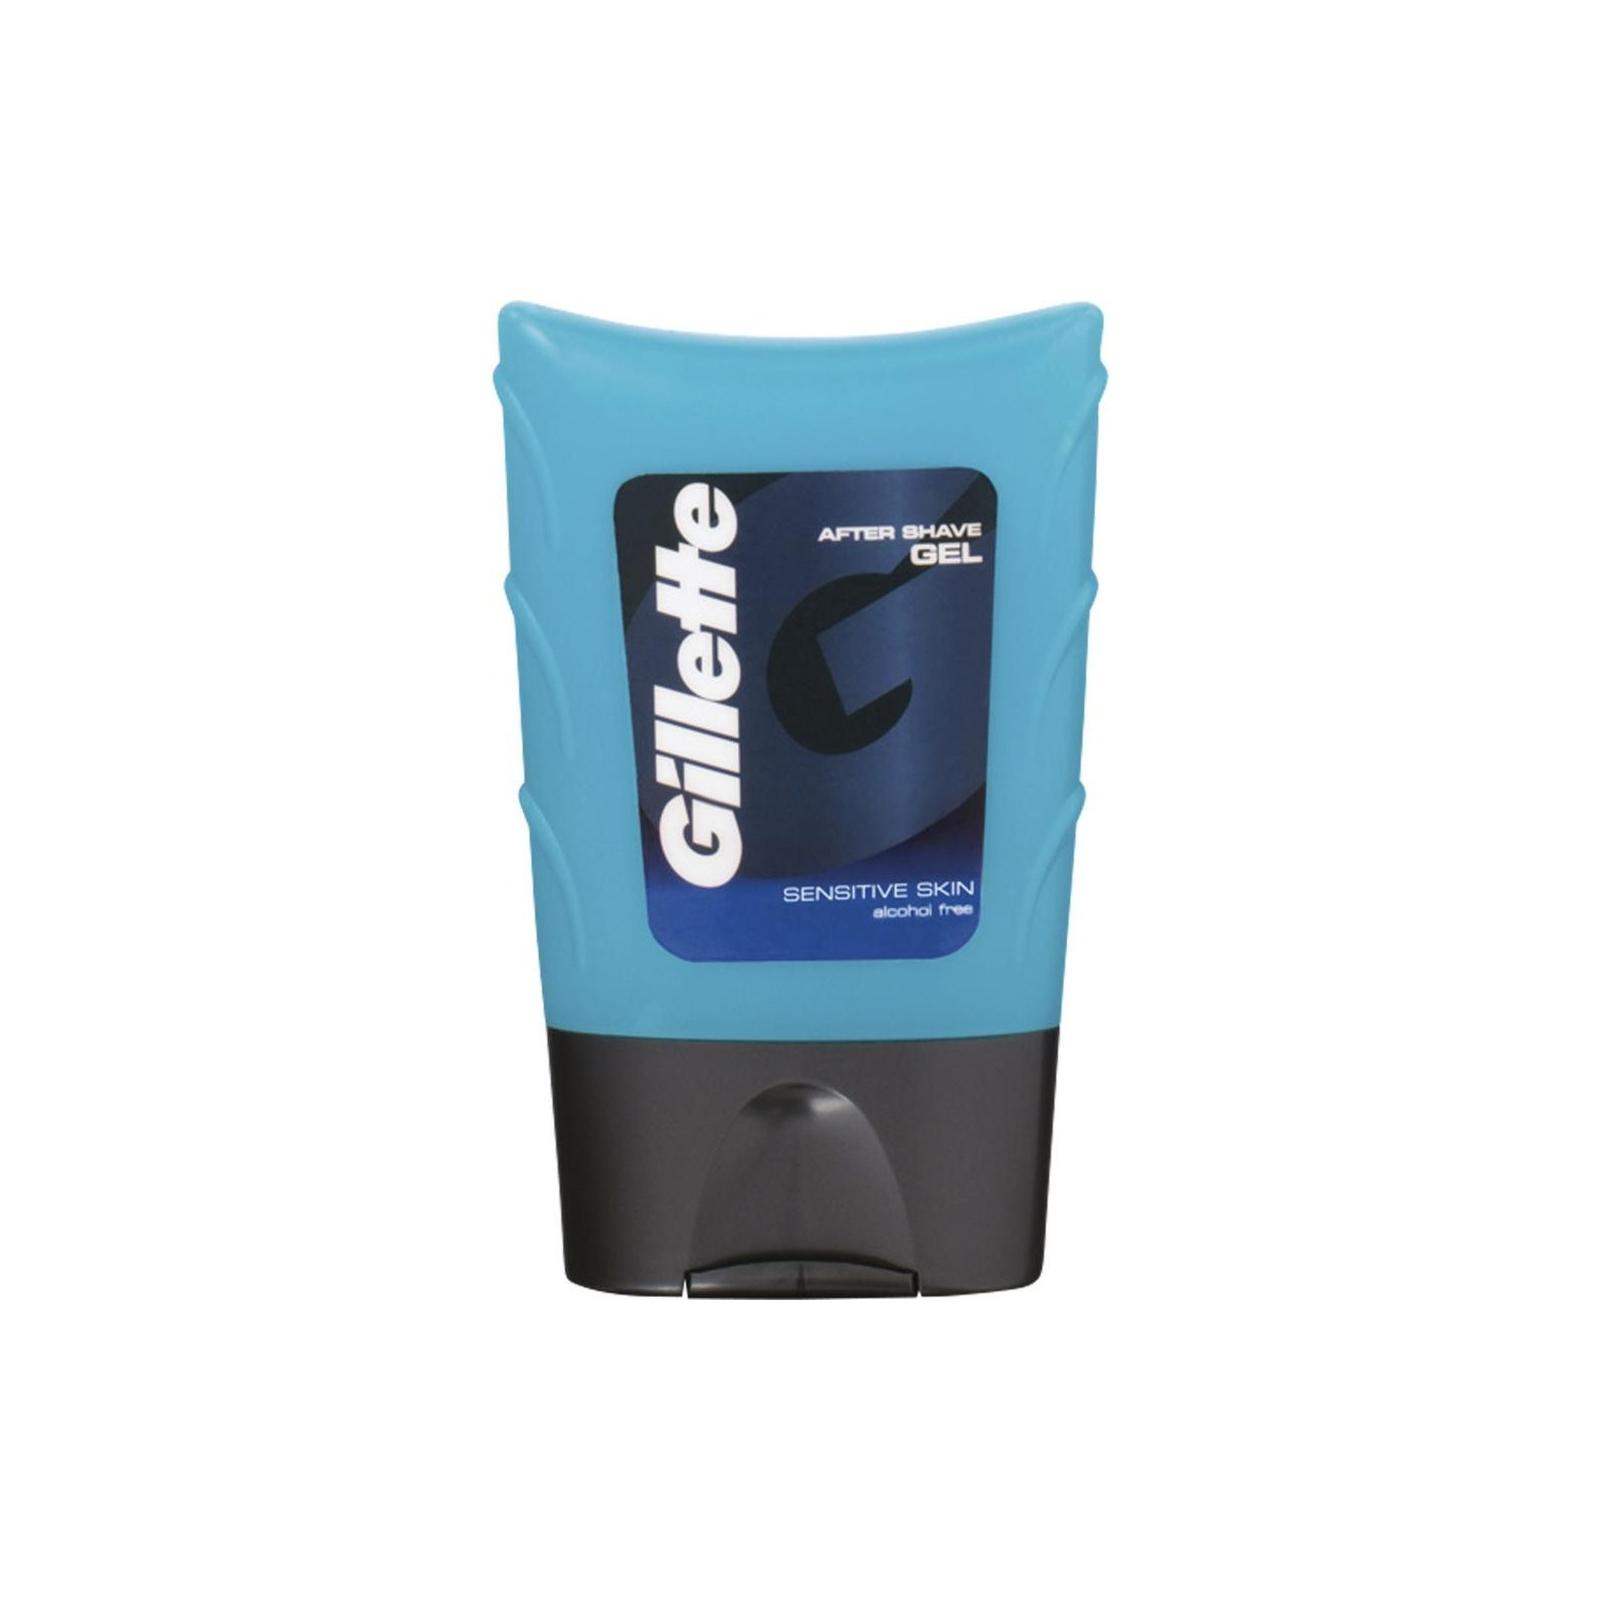 Гель после бритья Gillette Aftershave Gel Sensitive Skin для чувствительной кожи 75 мл (3014260284350)